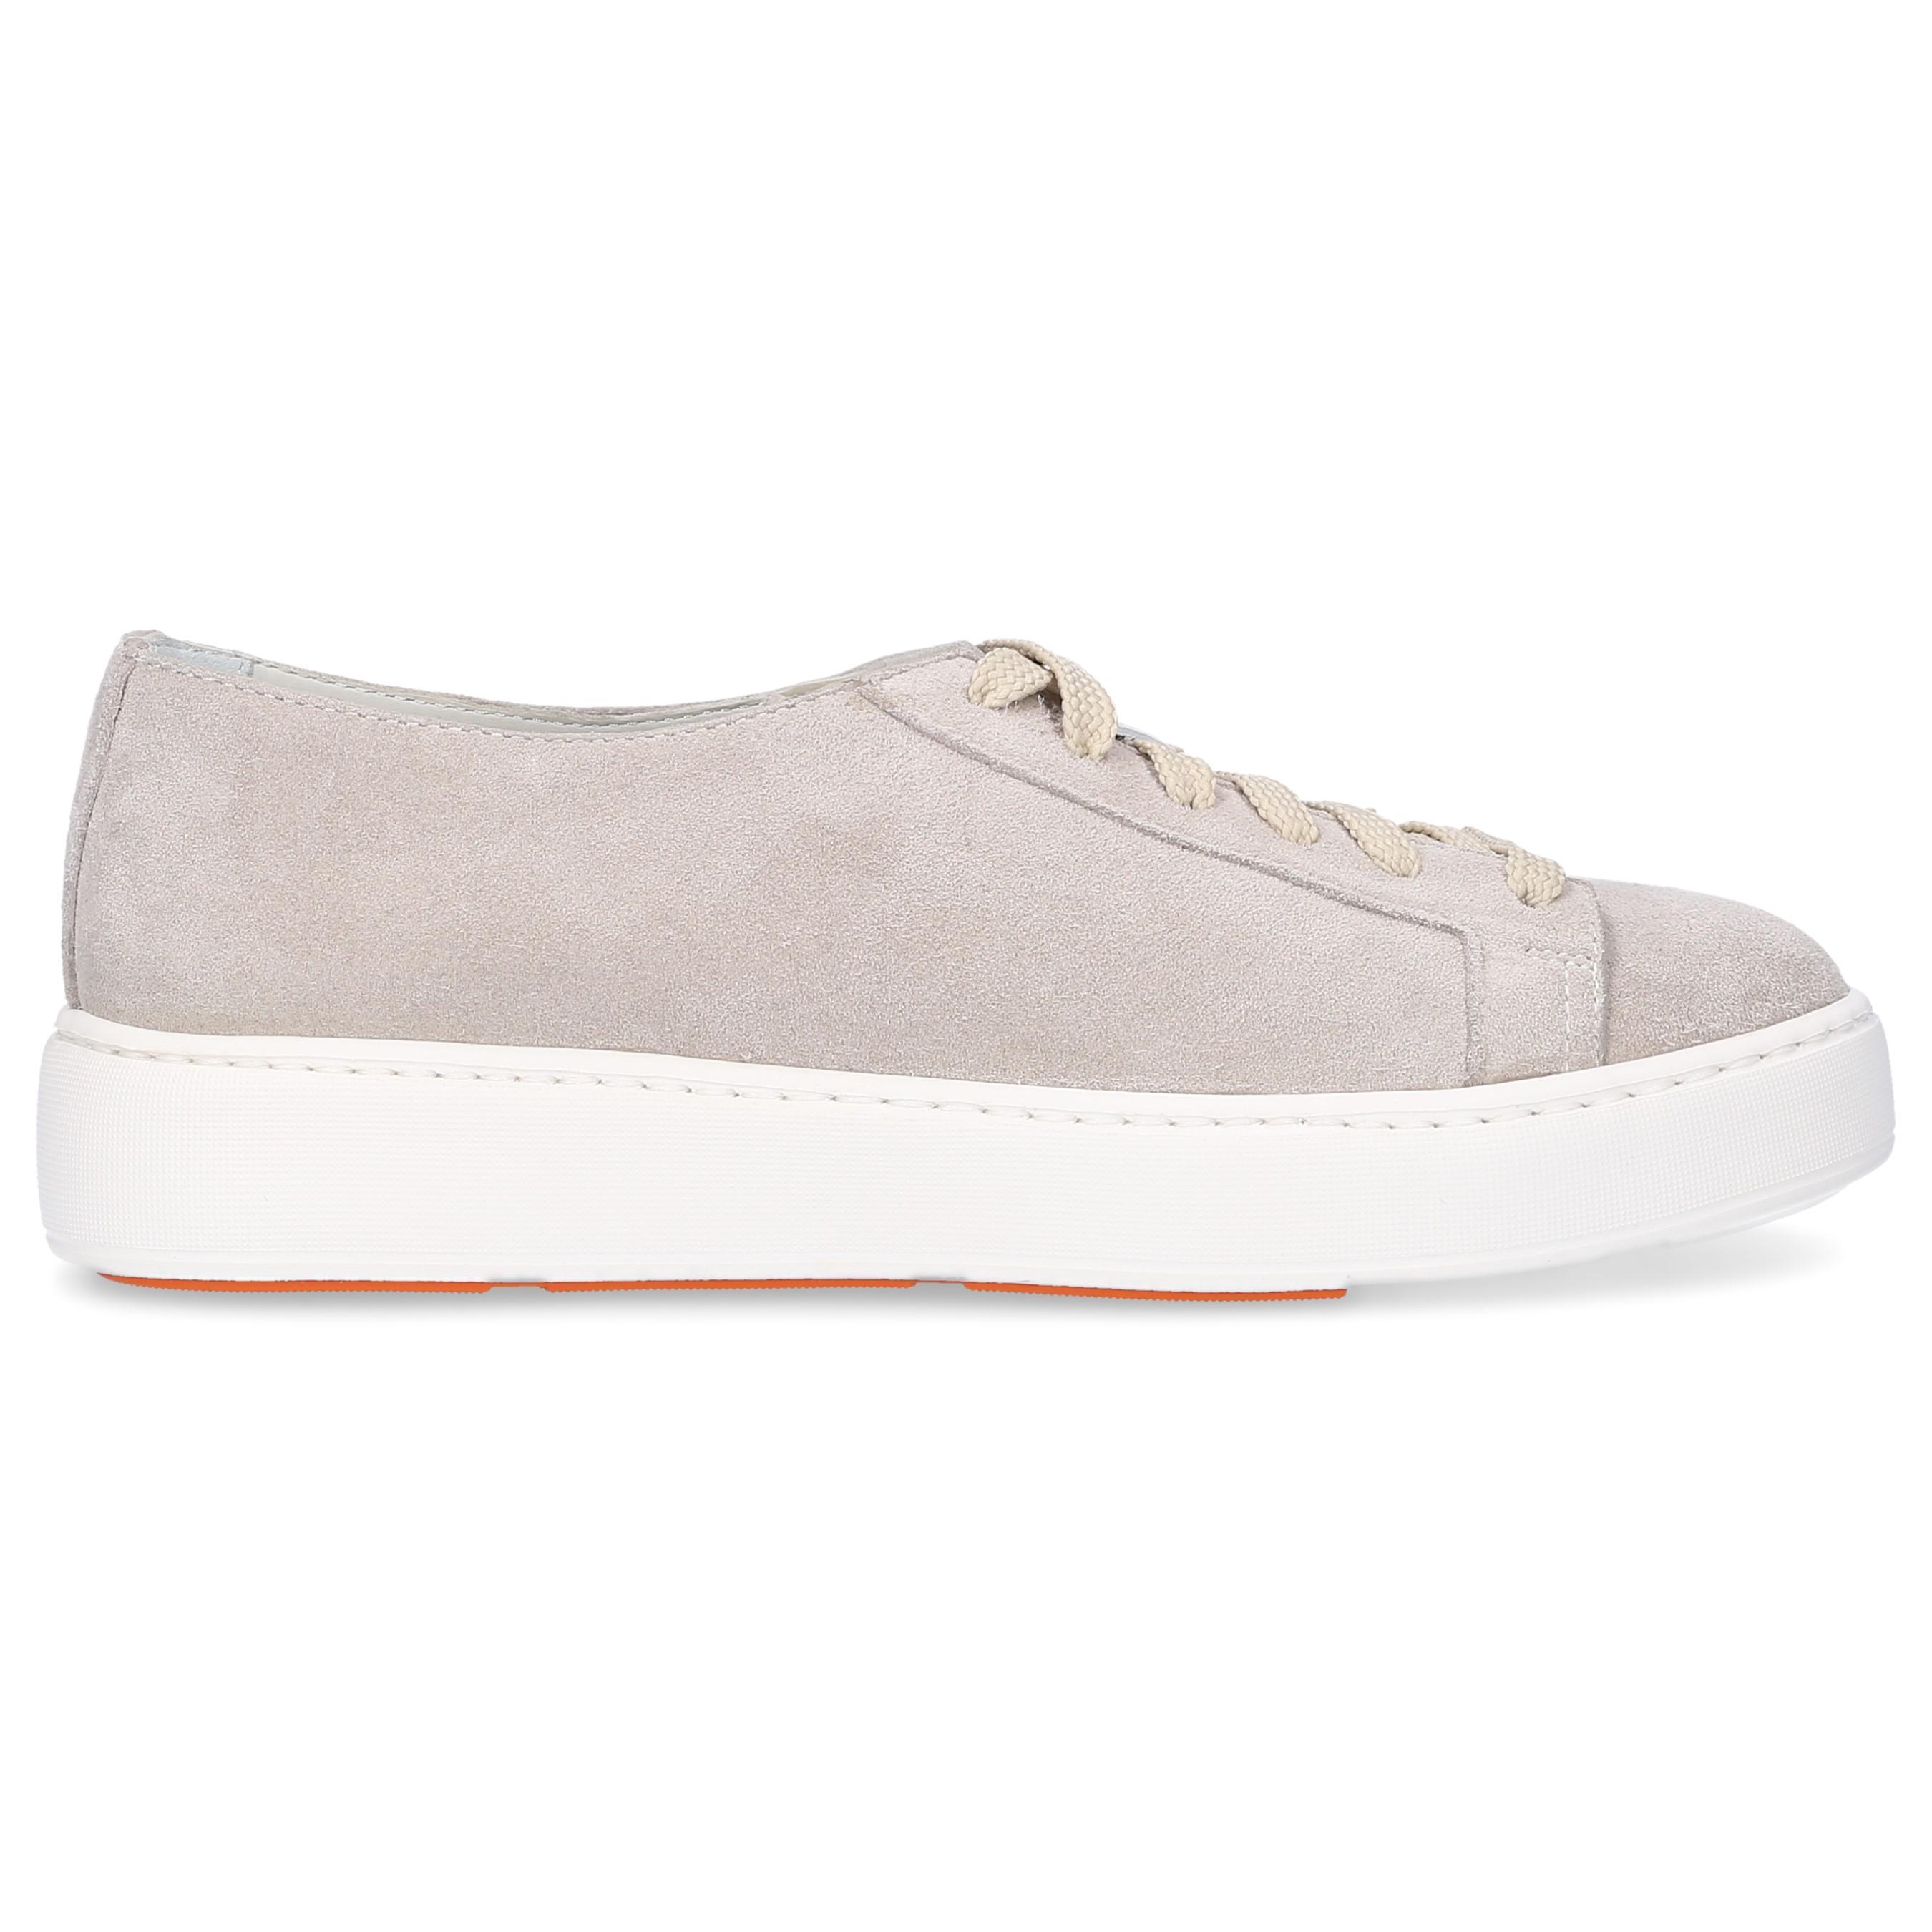 Gray Lyst Santoni Suede Sneakers Grey In LMqUzVpGS